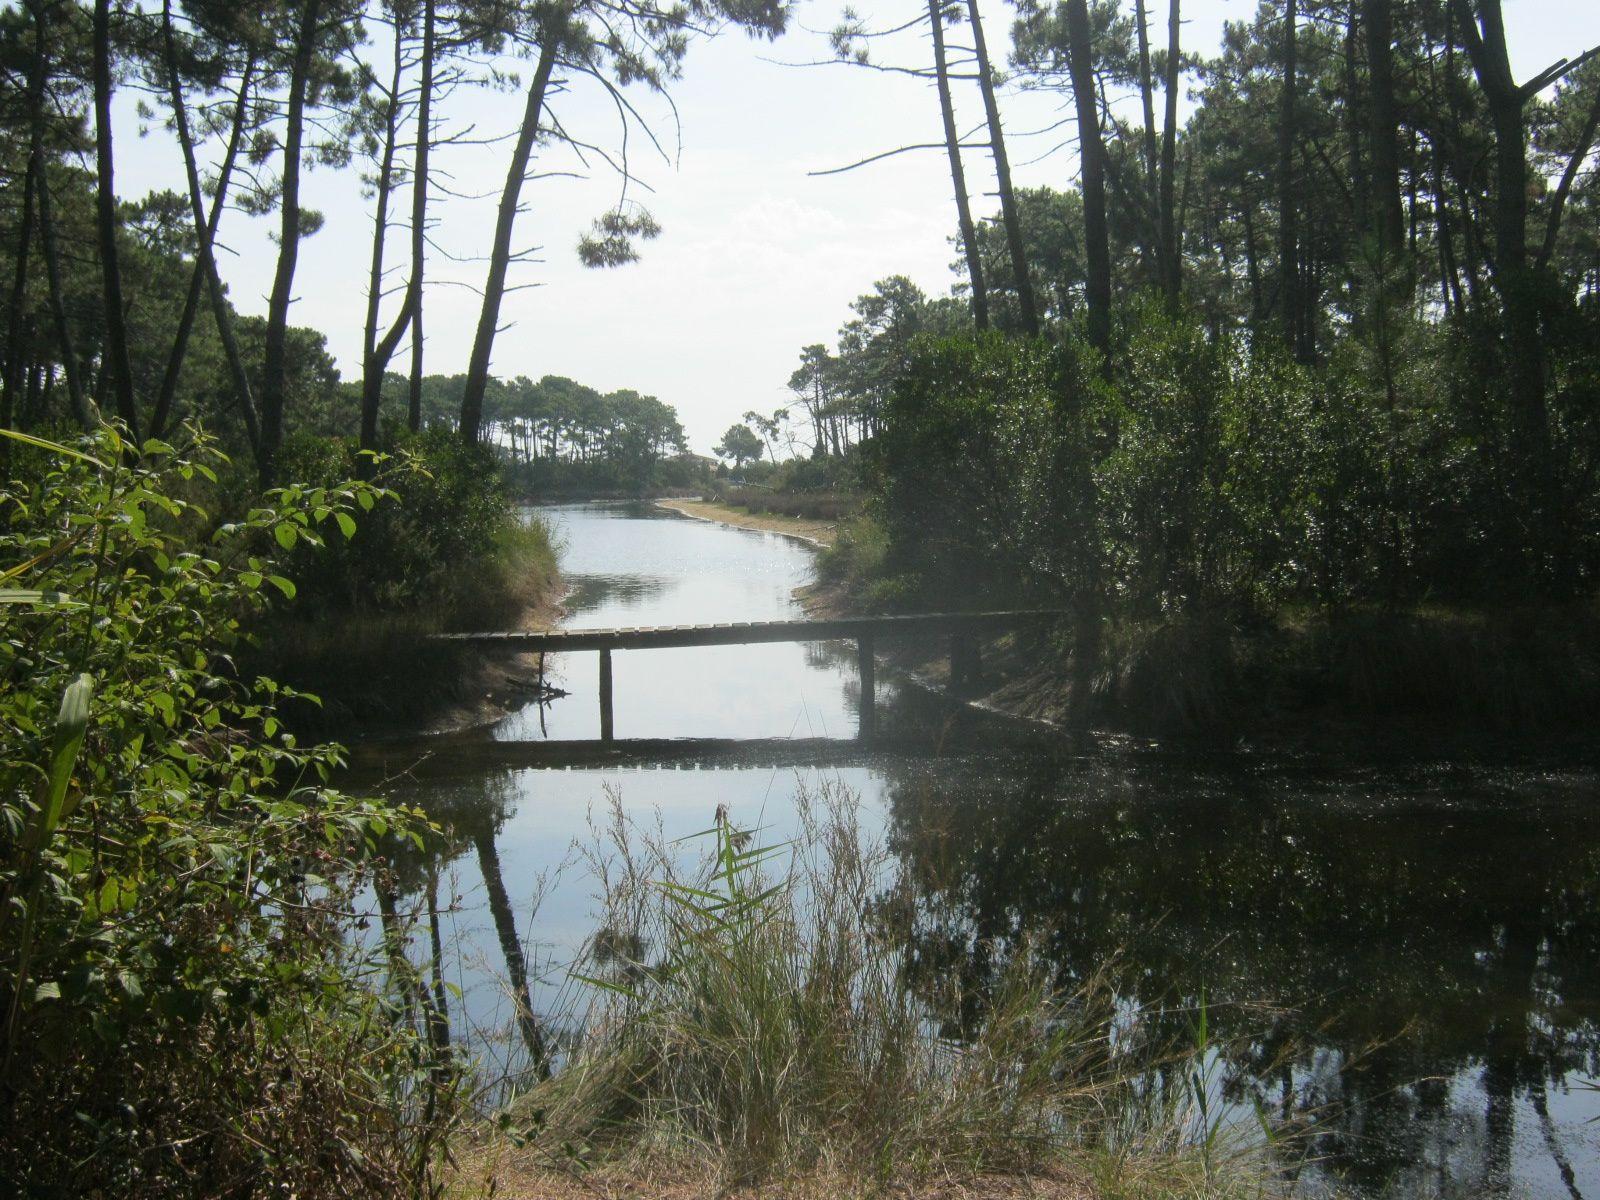 1ère photo, entre les arbousiers et d'autres réservoirs. Il fait trop chaud pour les oiseaux à midi, on ne verra qu'une aigrette en plein vol